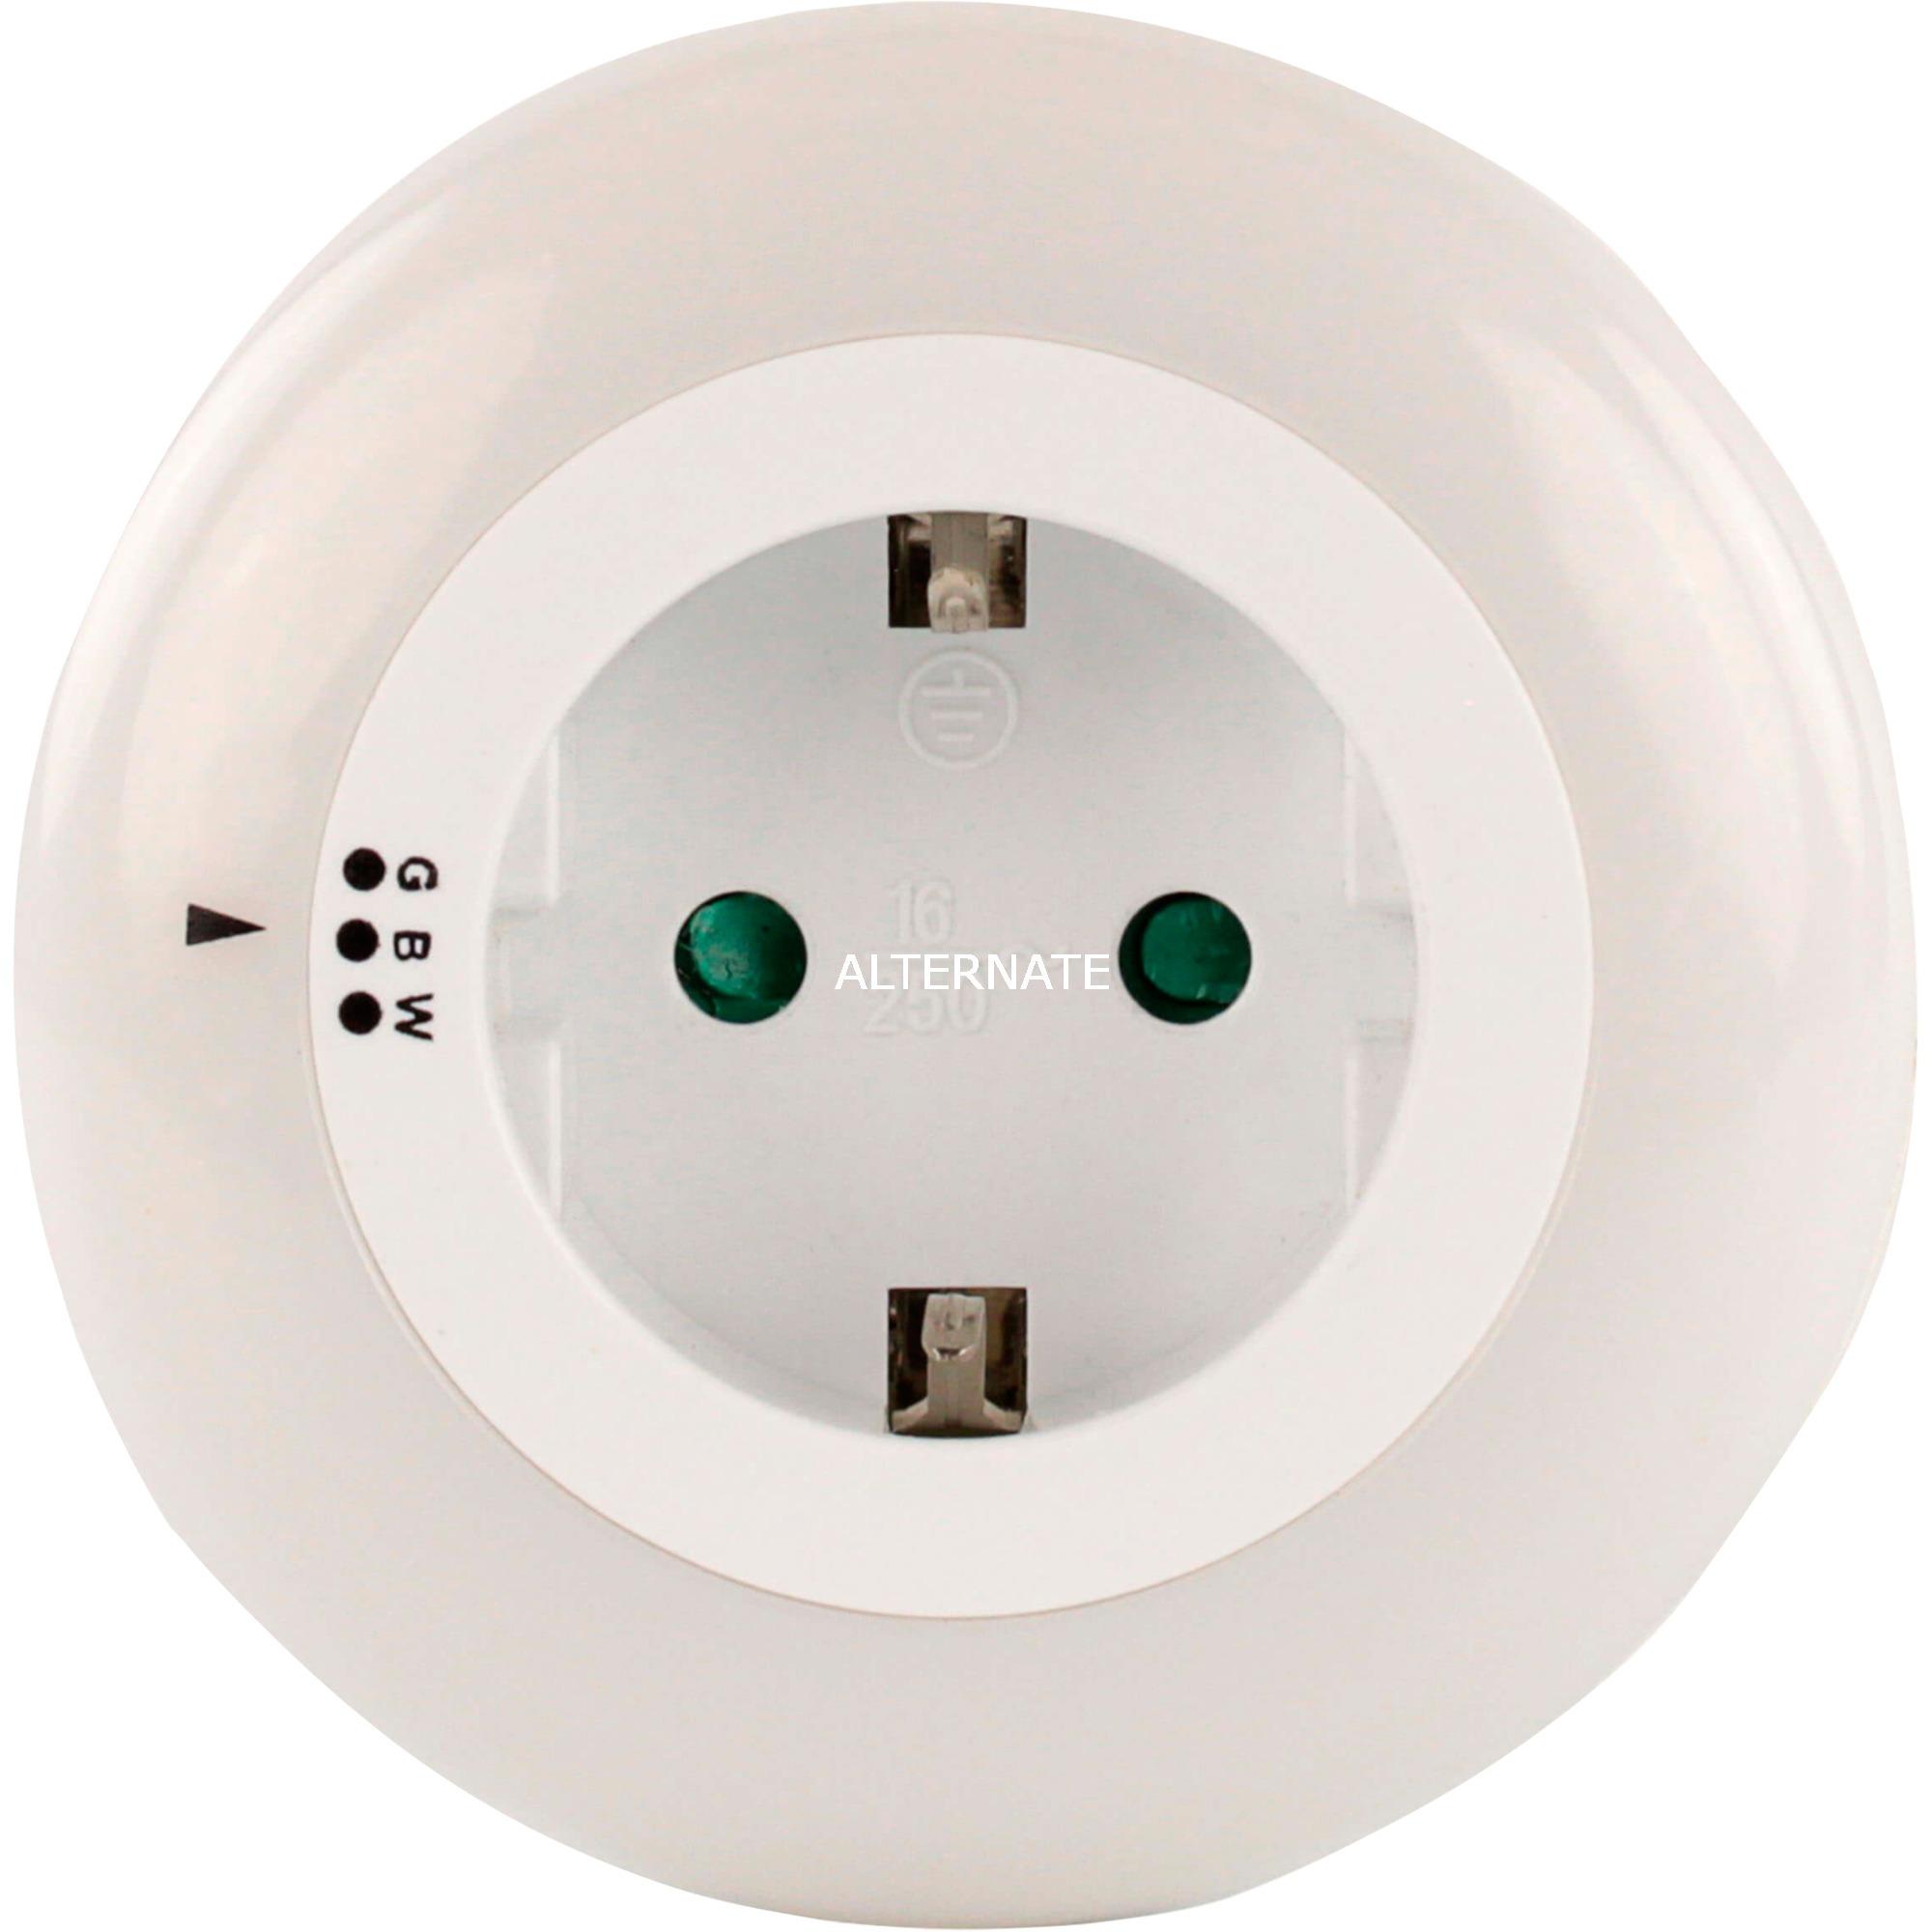 Nightlight Orbit 3 Tipo C (Europlug) Tipo C (Europlug) Azul, Verde, Blanco adaptador de enchufe eléctrico, Luz de noche